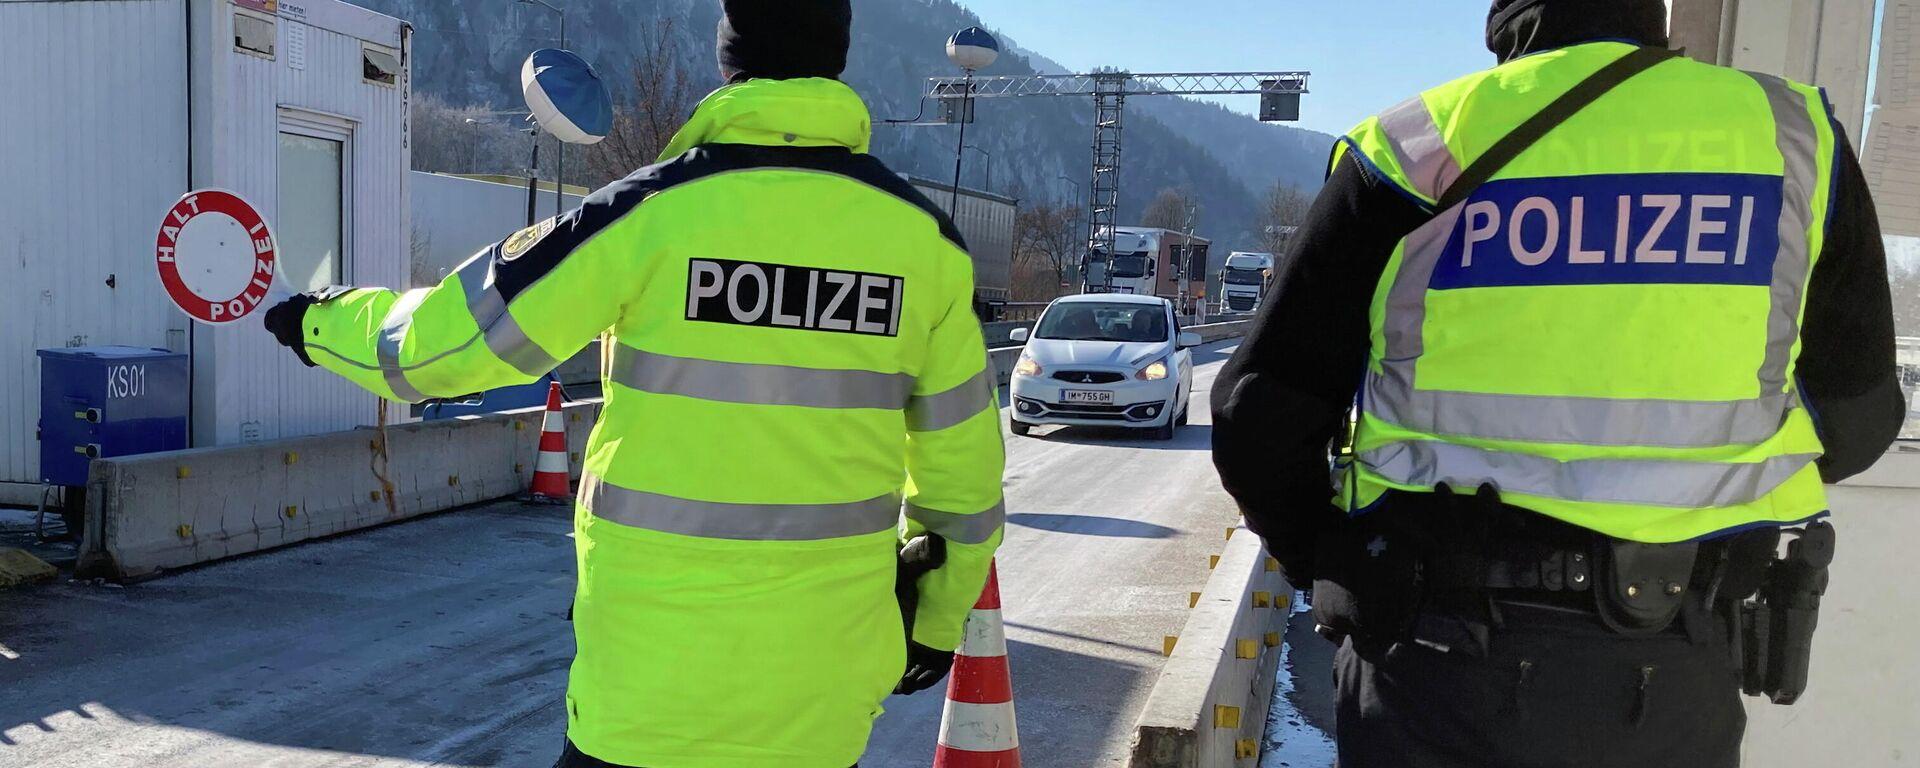 Kontrolle an der Tiroler Grenze  - SNA, 1920, 26.02.2021